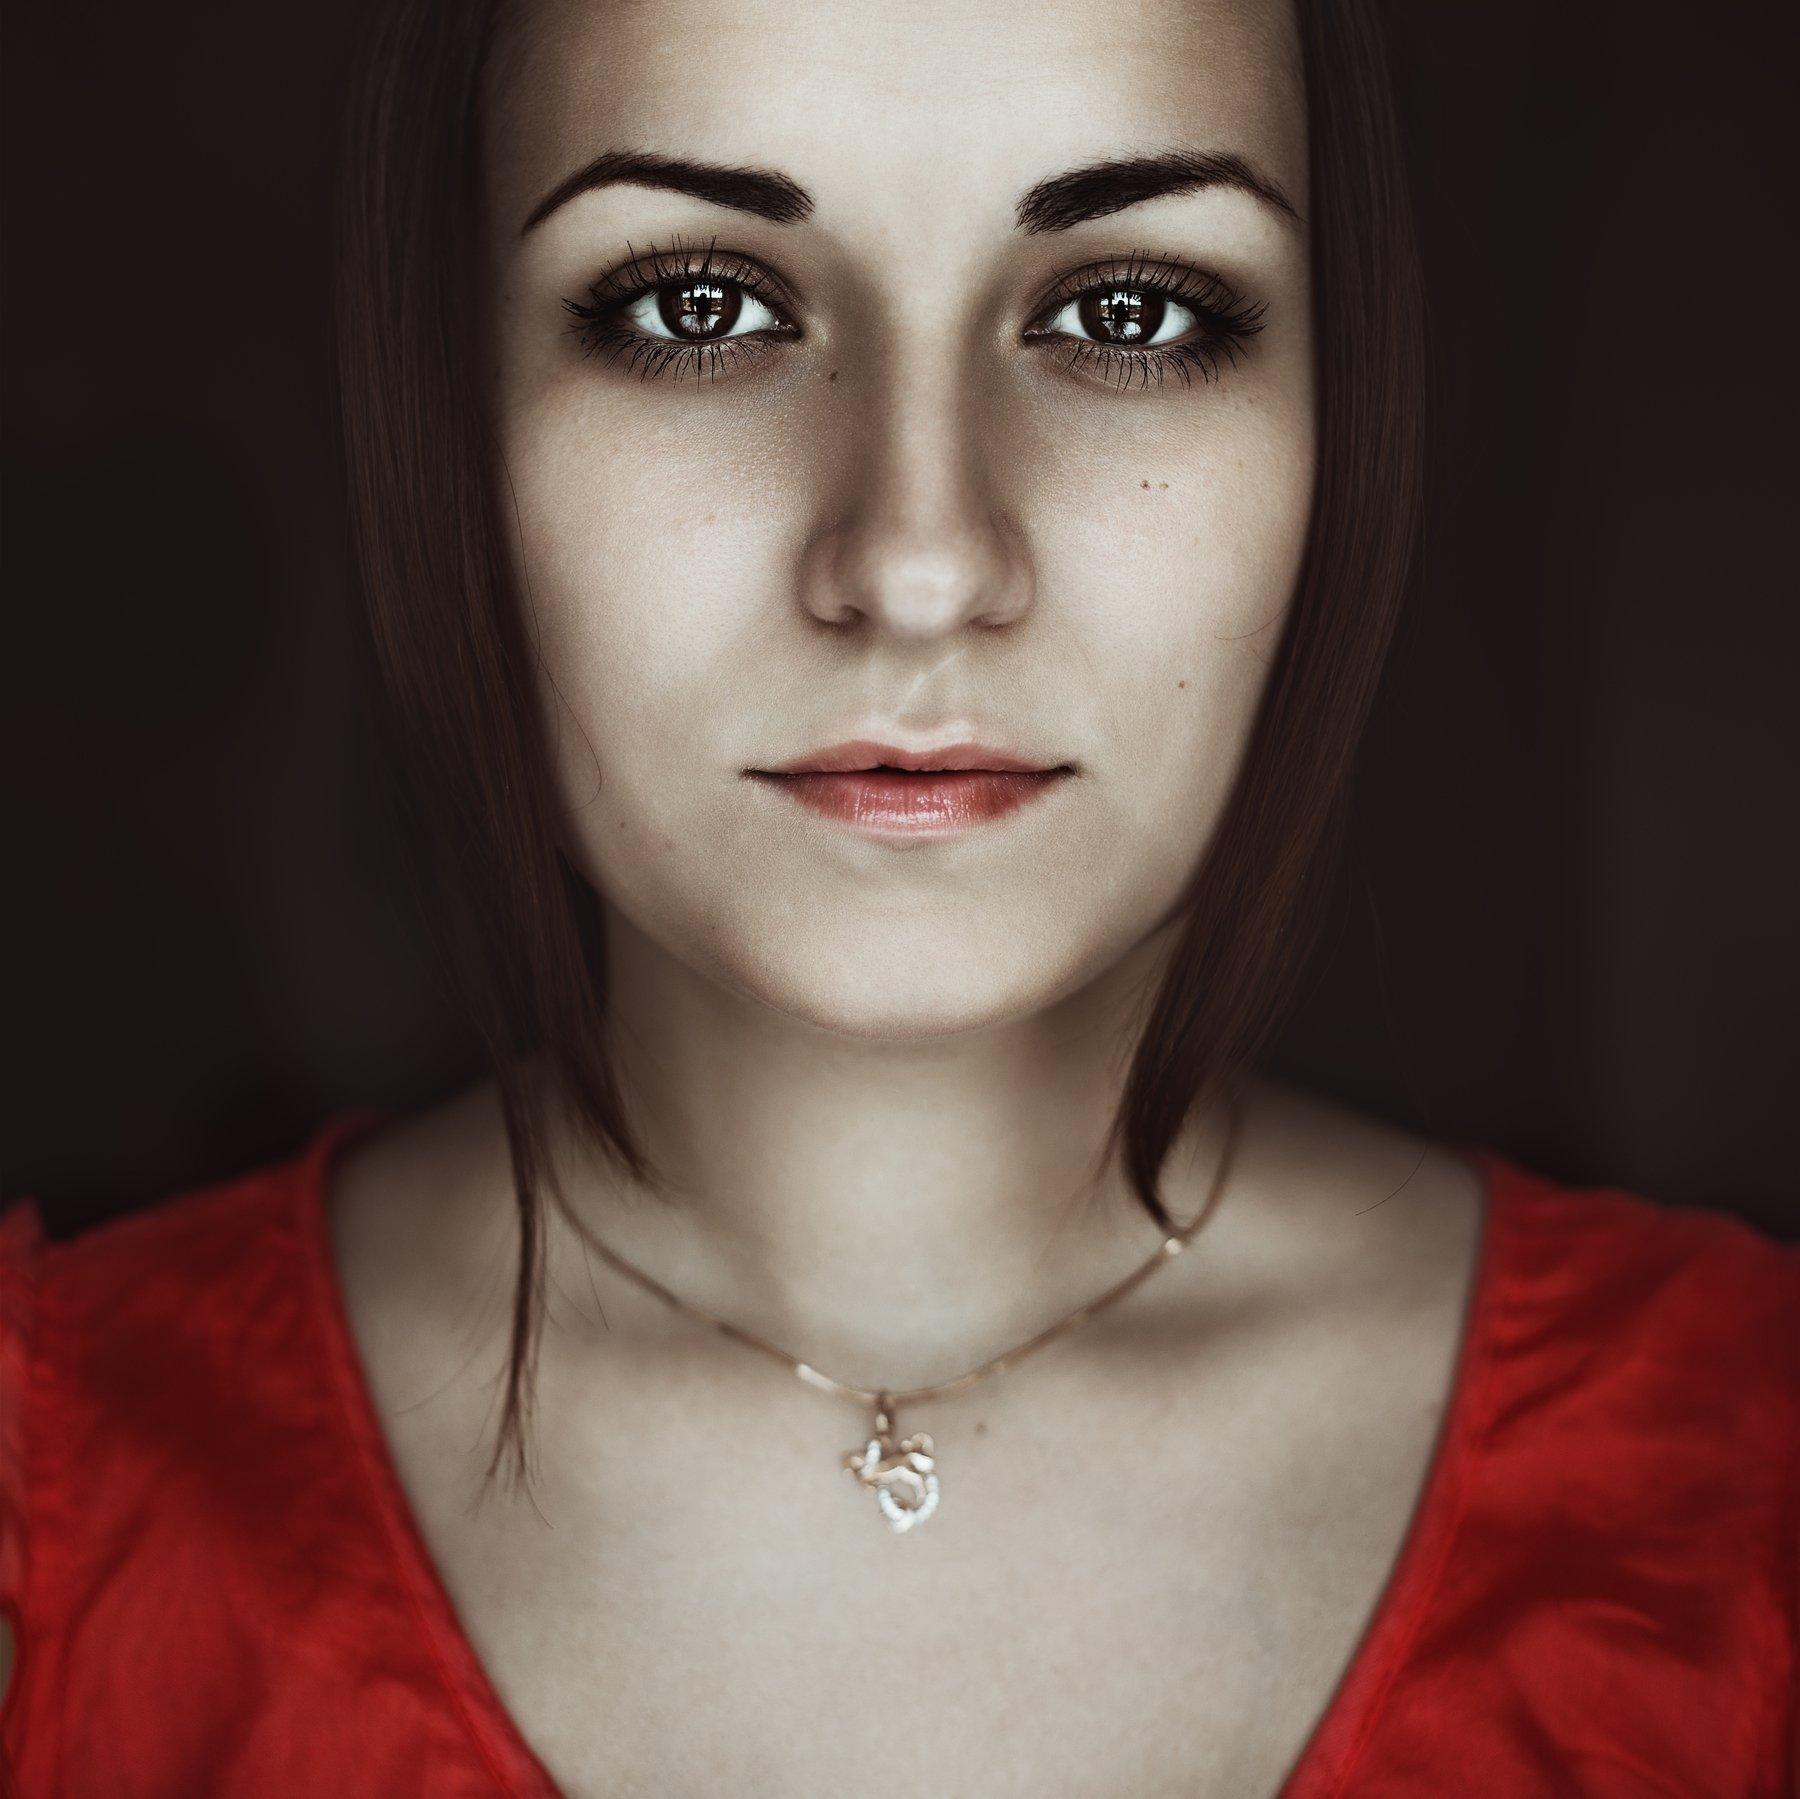 портрет, у окна, девушка, прямой свет, свет от окна,, Маховицкая Кристина